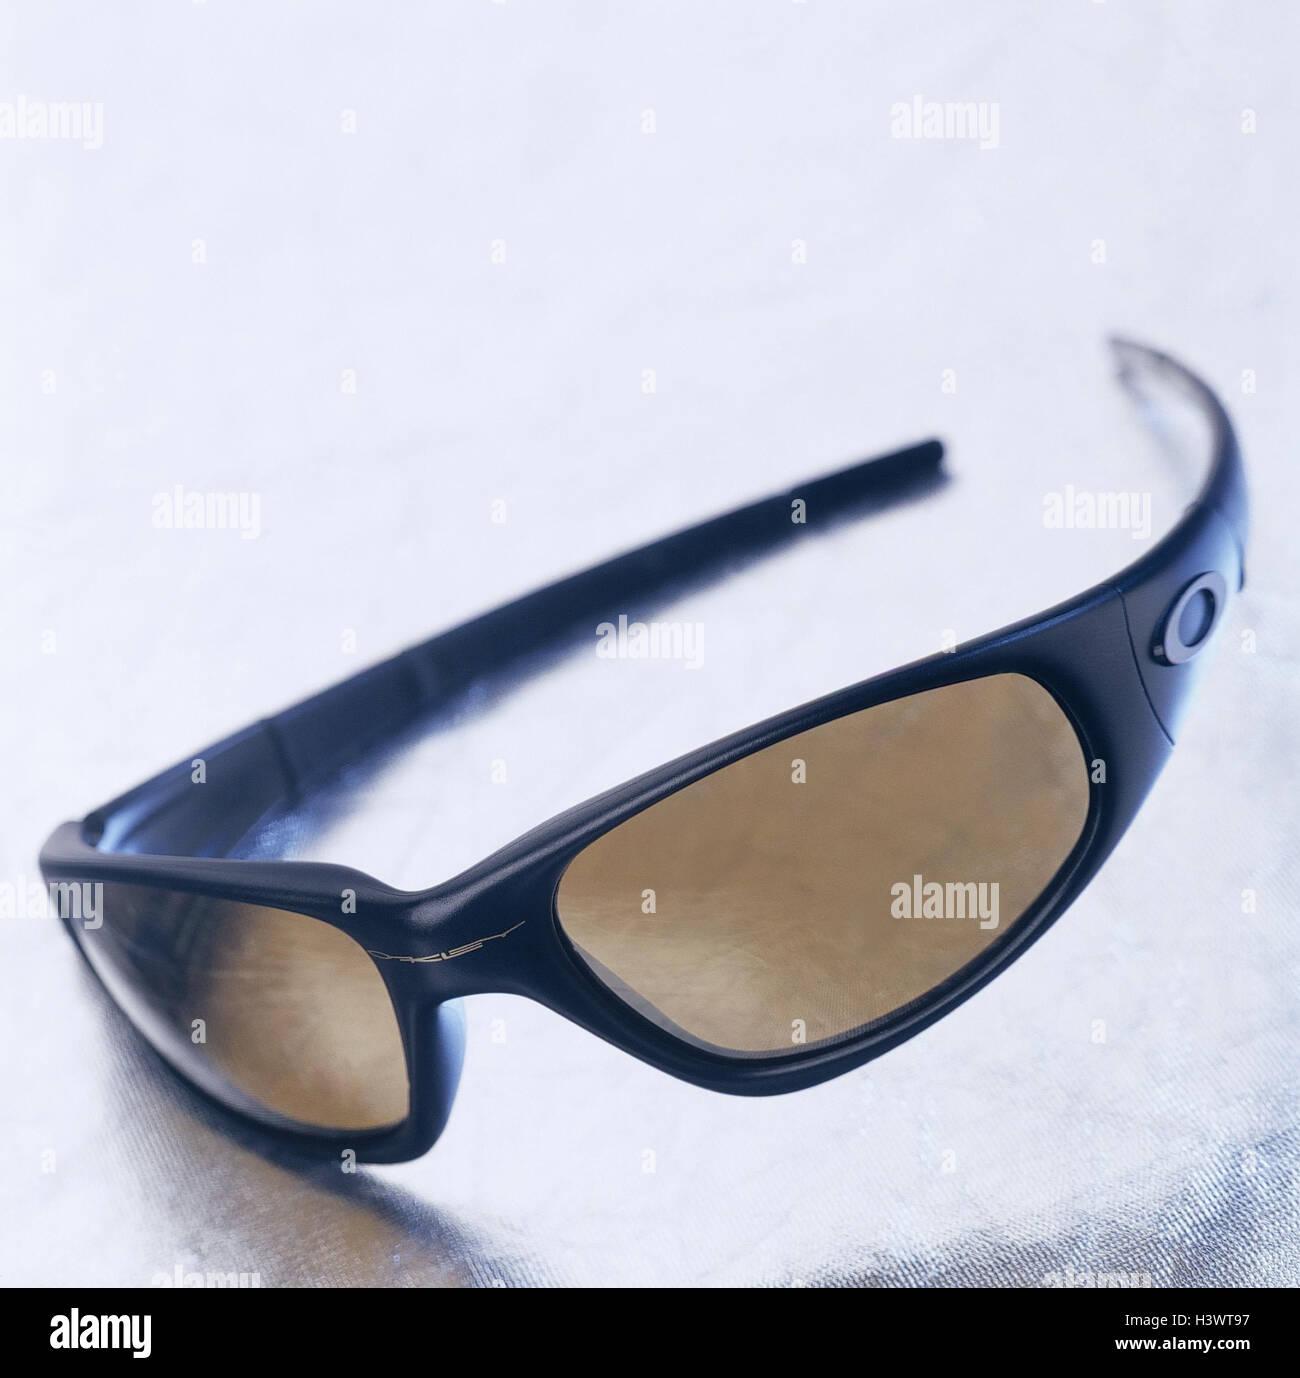 Gafas De Sol Oakley Imágenes De Stock   Gafas De Sol Oakley Fotos De ... 70d7982683495